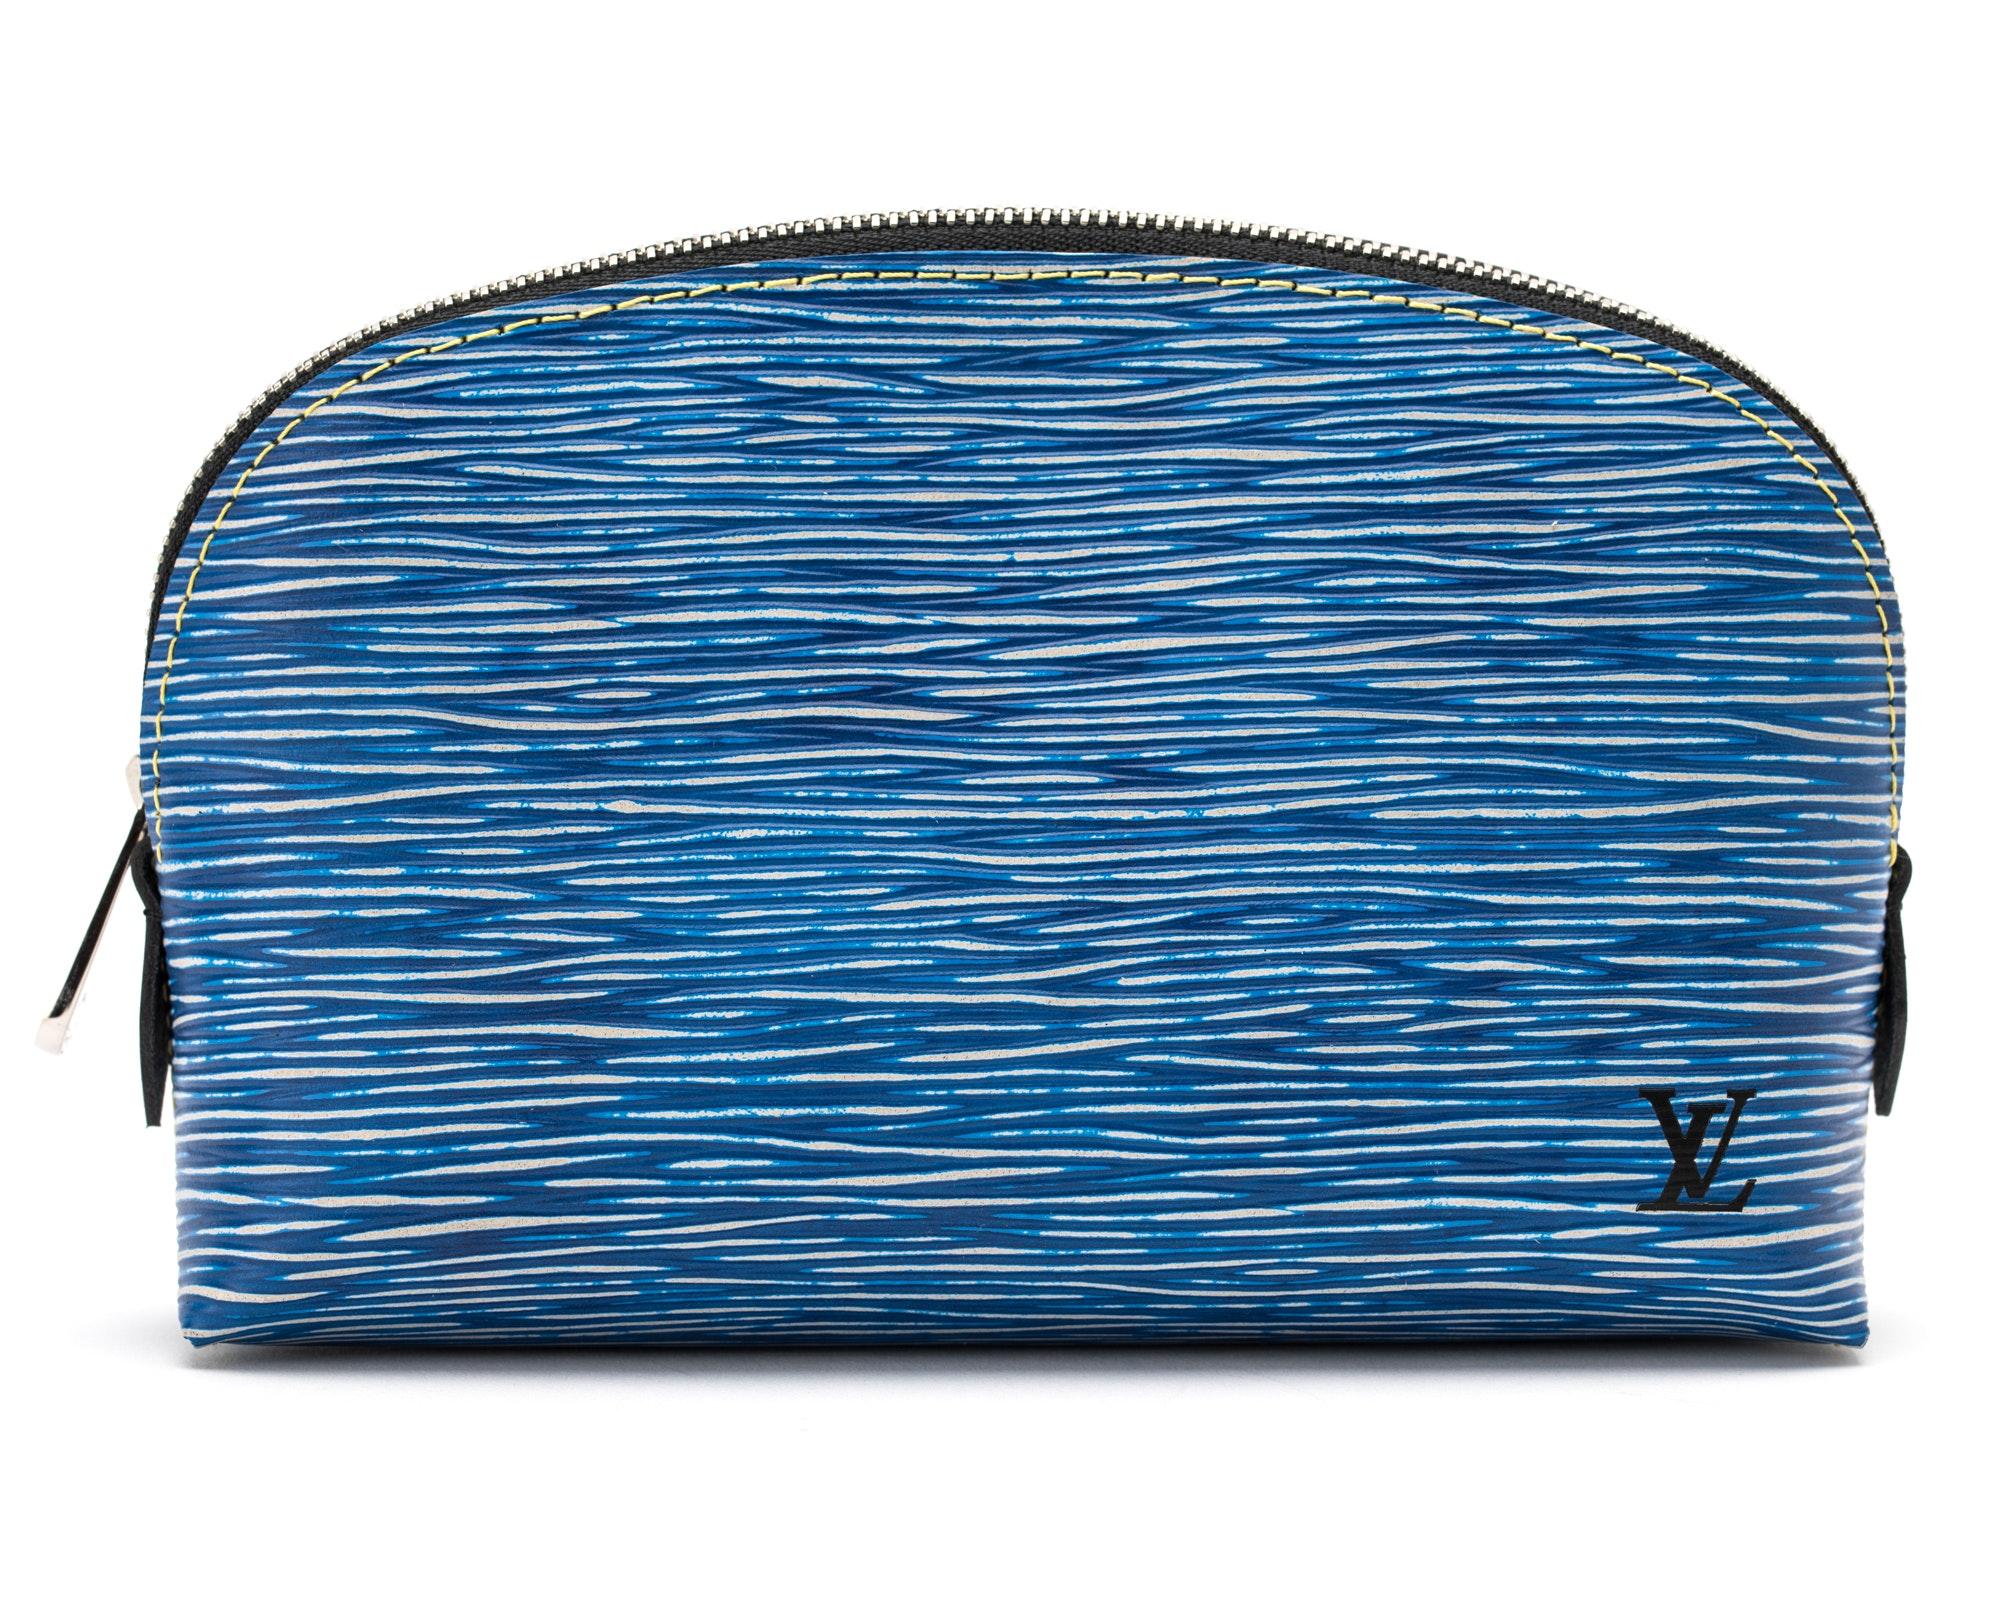 Louis Vuitton Cosmetic Pouch Epi Denim Blue